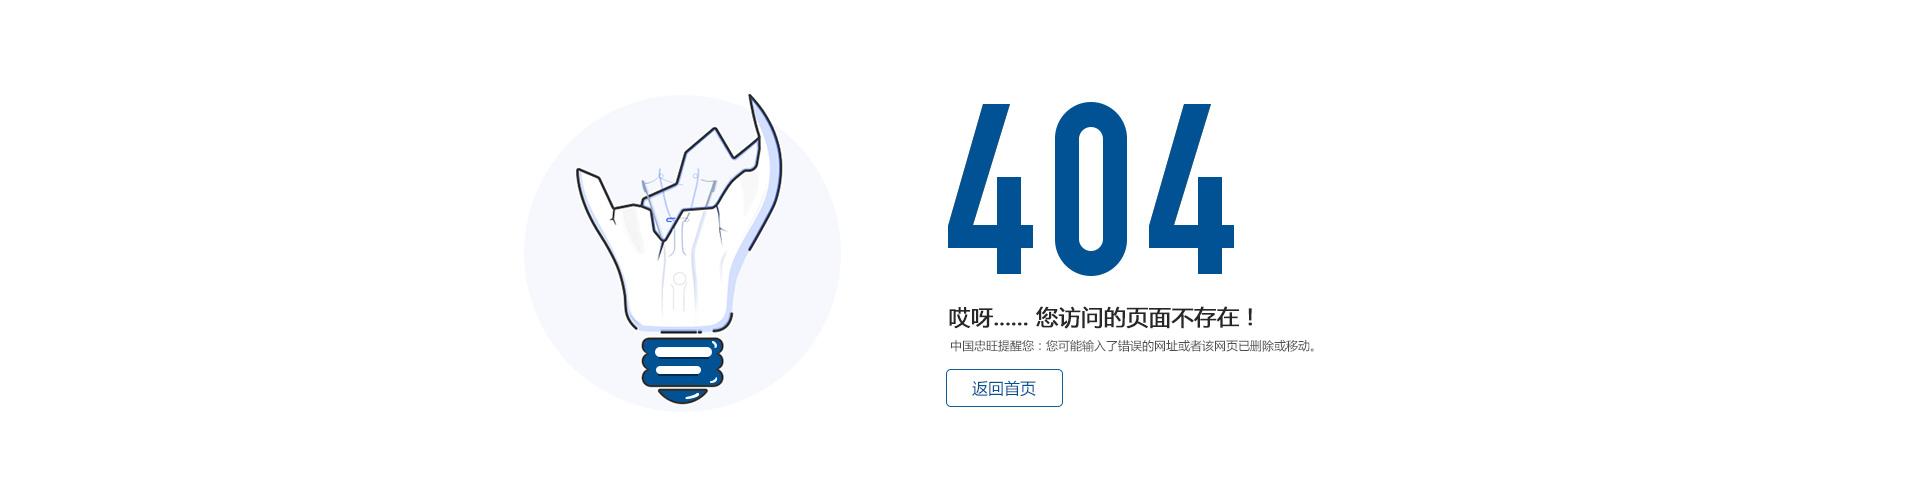 《經濟觀察報》2017年度中國資本市場金誠獎「年度投資之星」